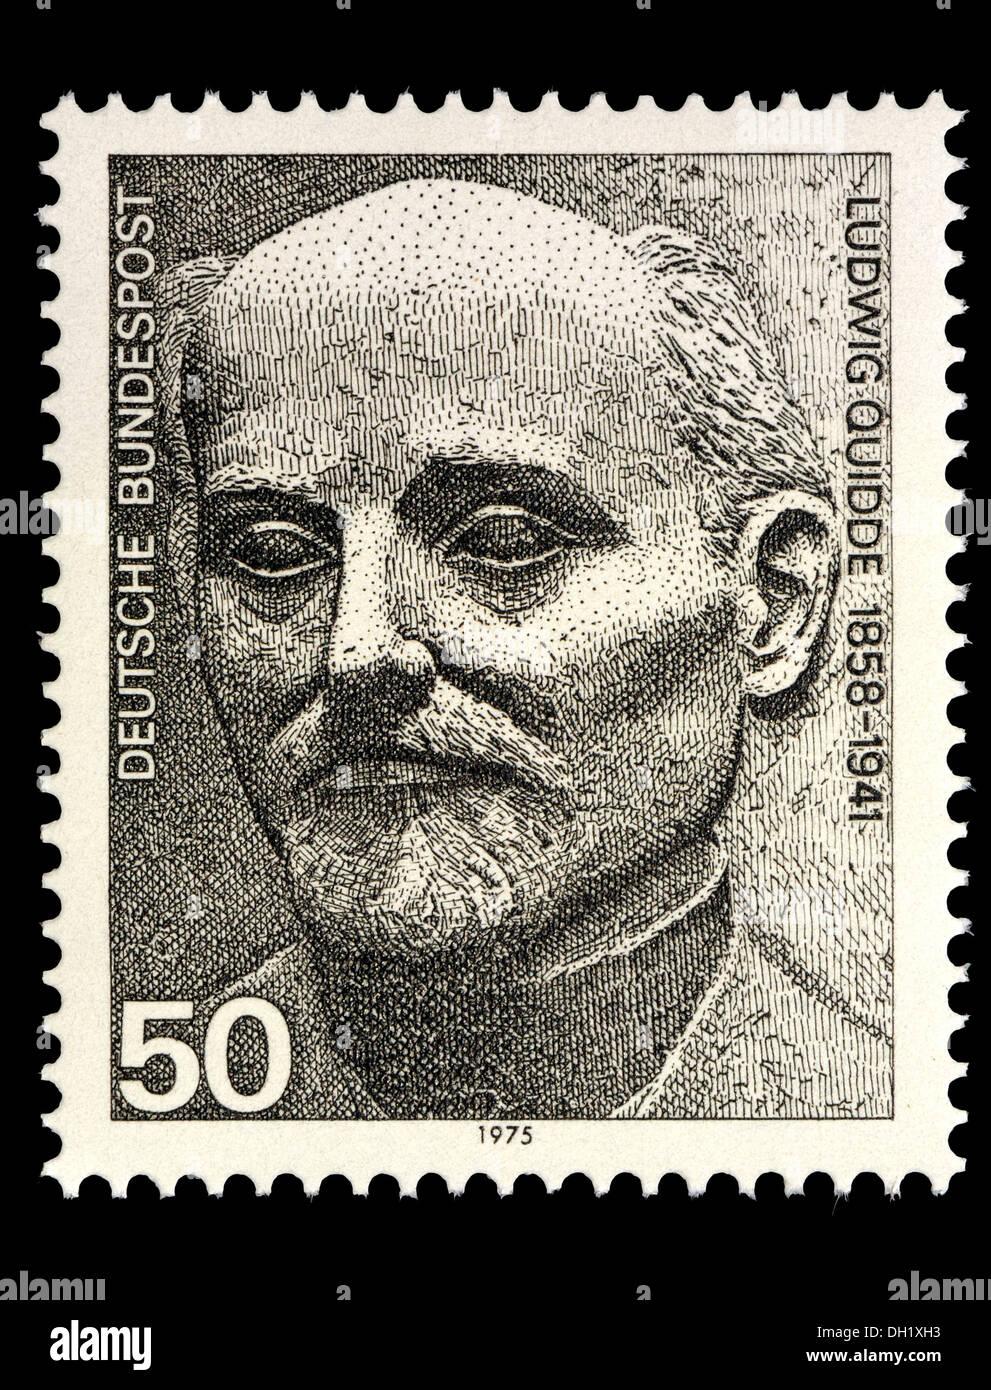 Retrato de Ludwig Quidde (1858-1941: pacifista alemán y ganador del Premio Nobel de la paz, 1927) en el sello alemán. Imagen De Stock